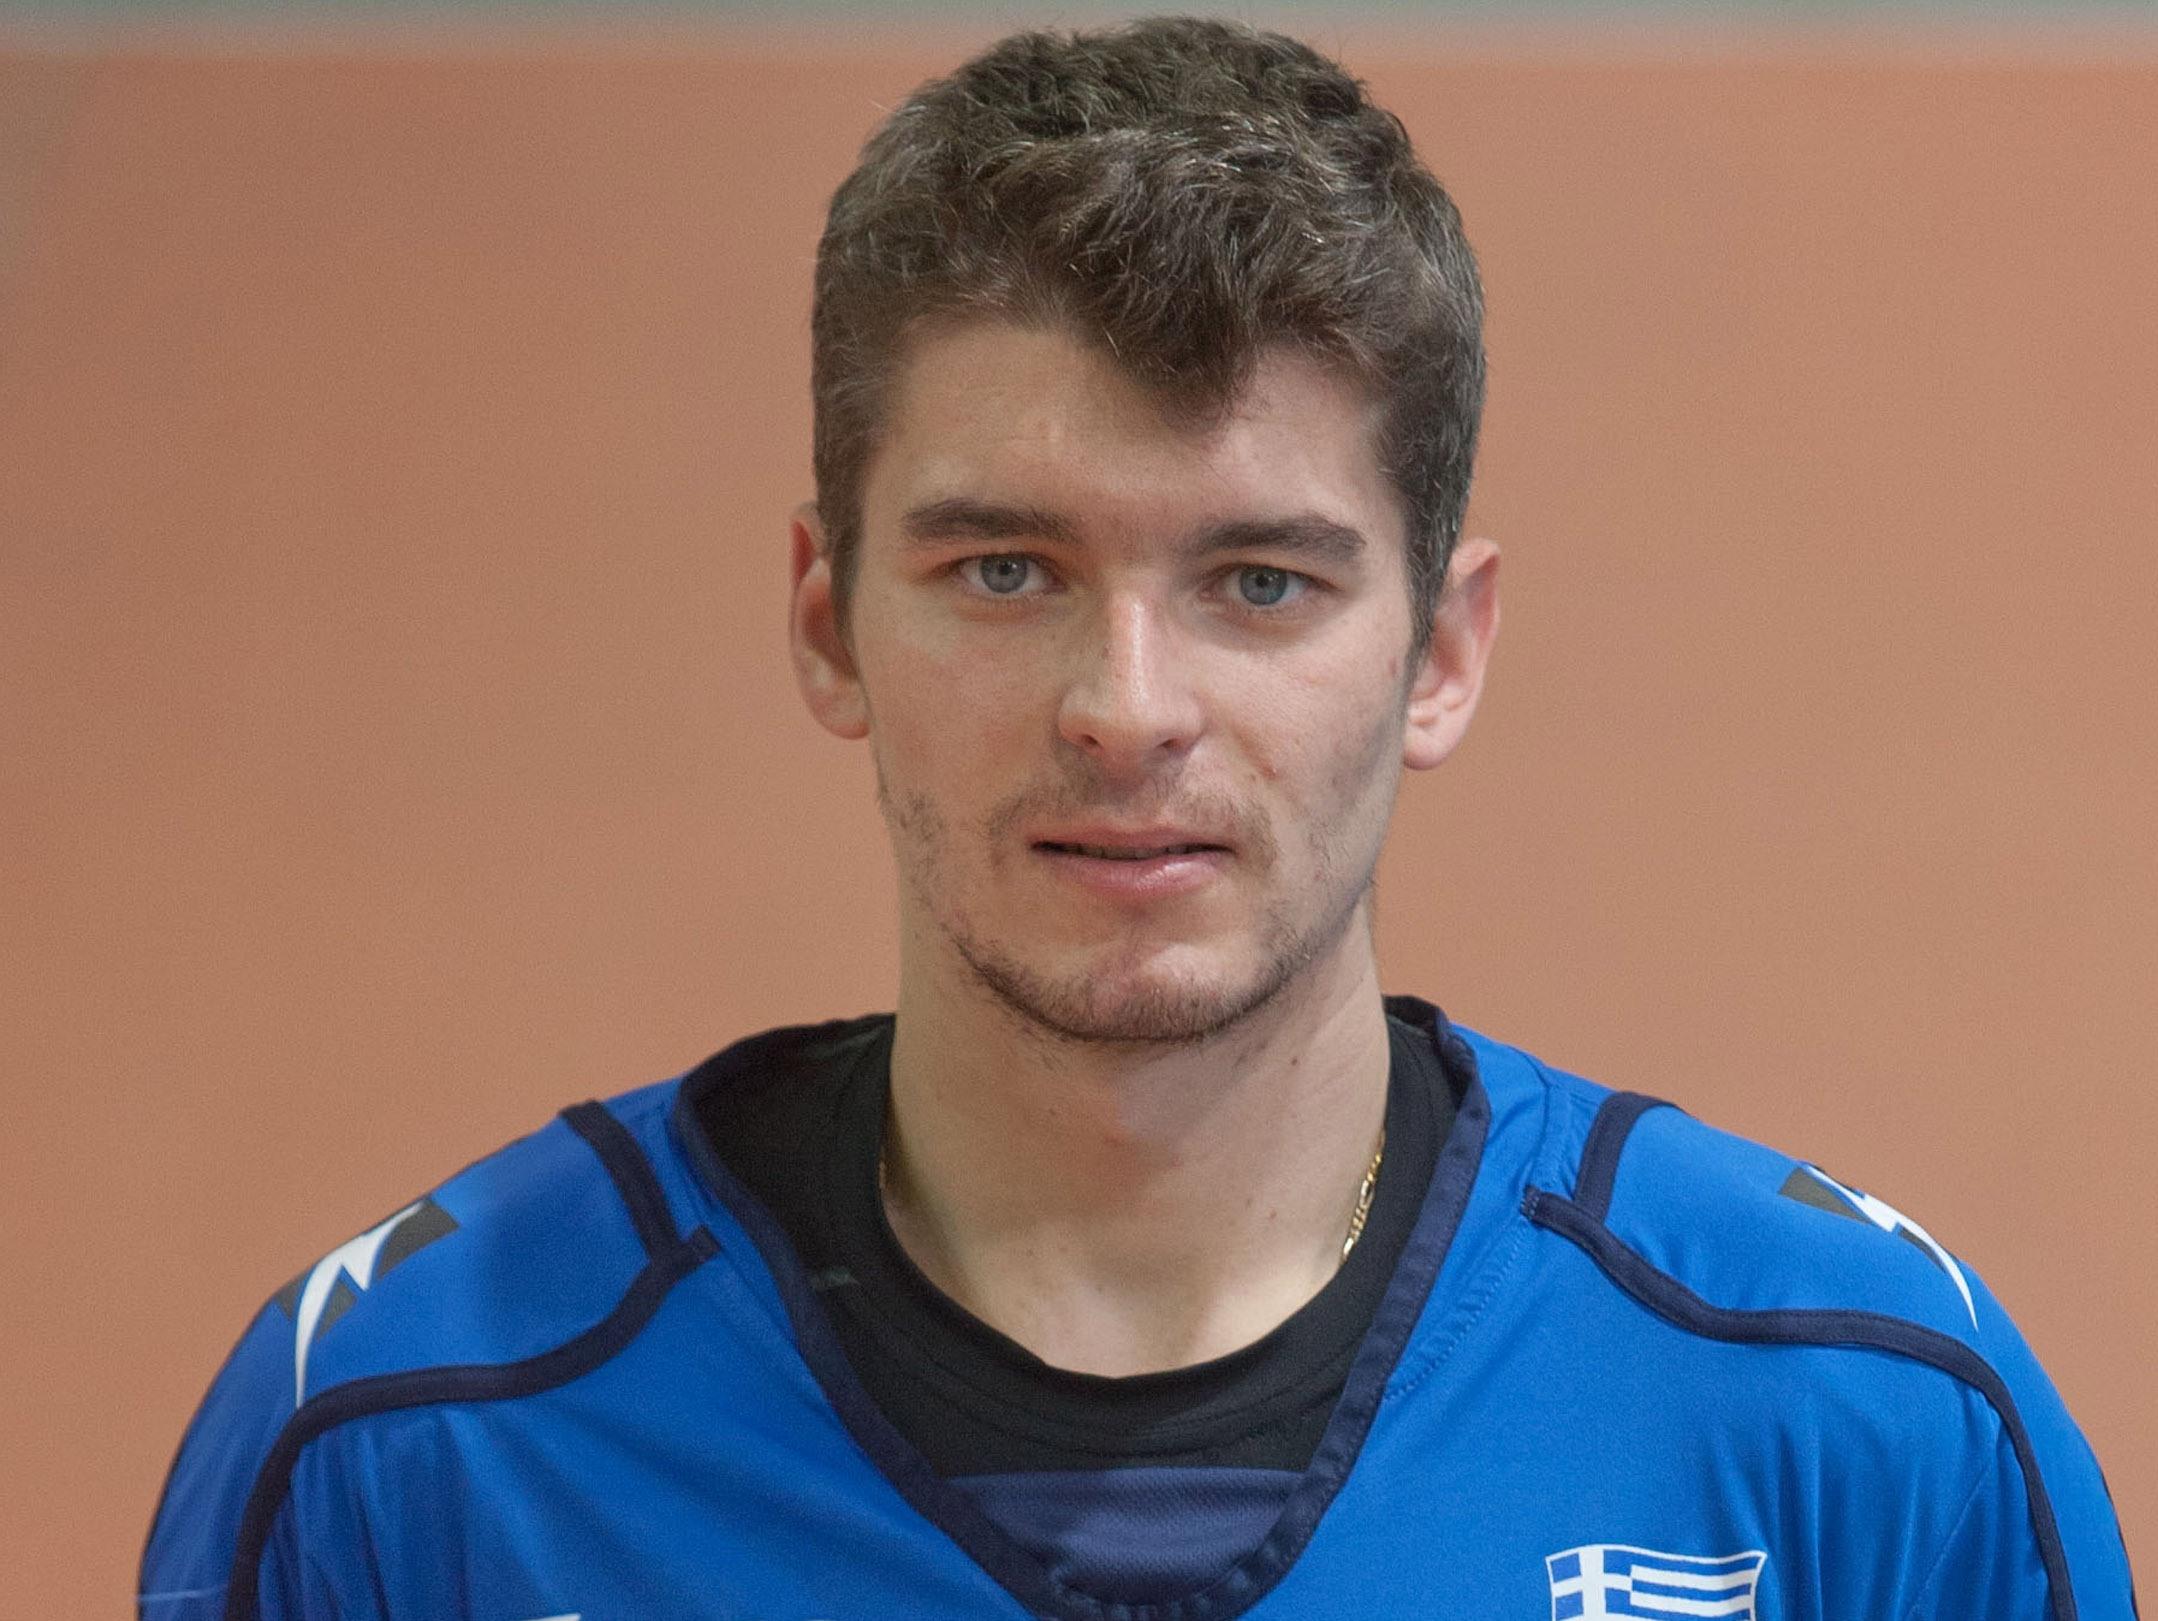 Dmytro Filippov